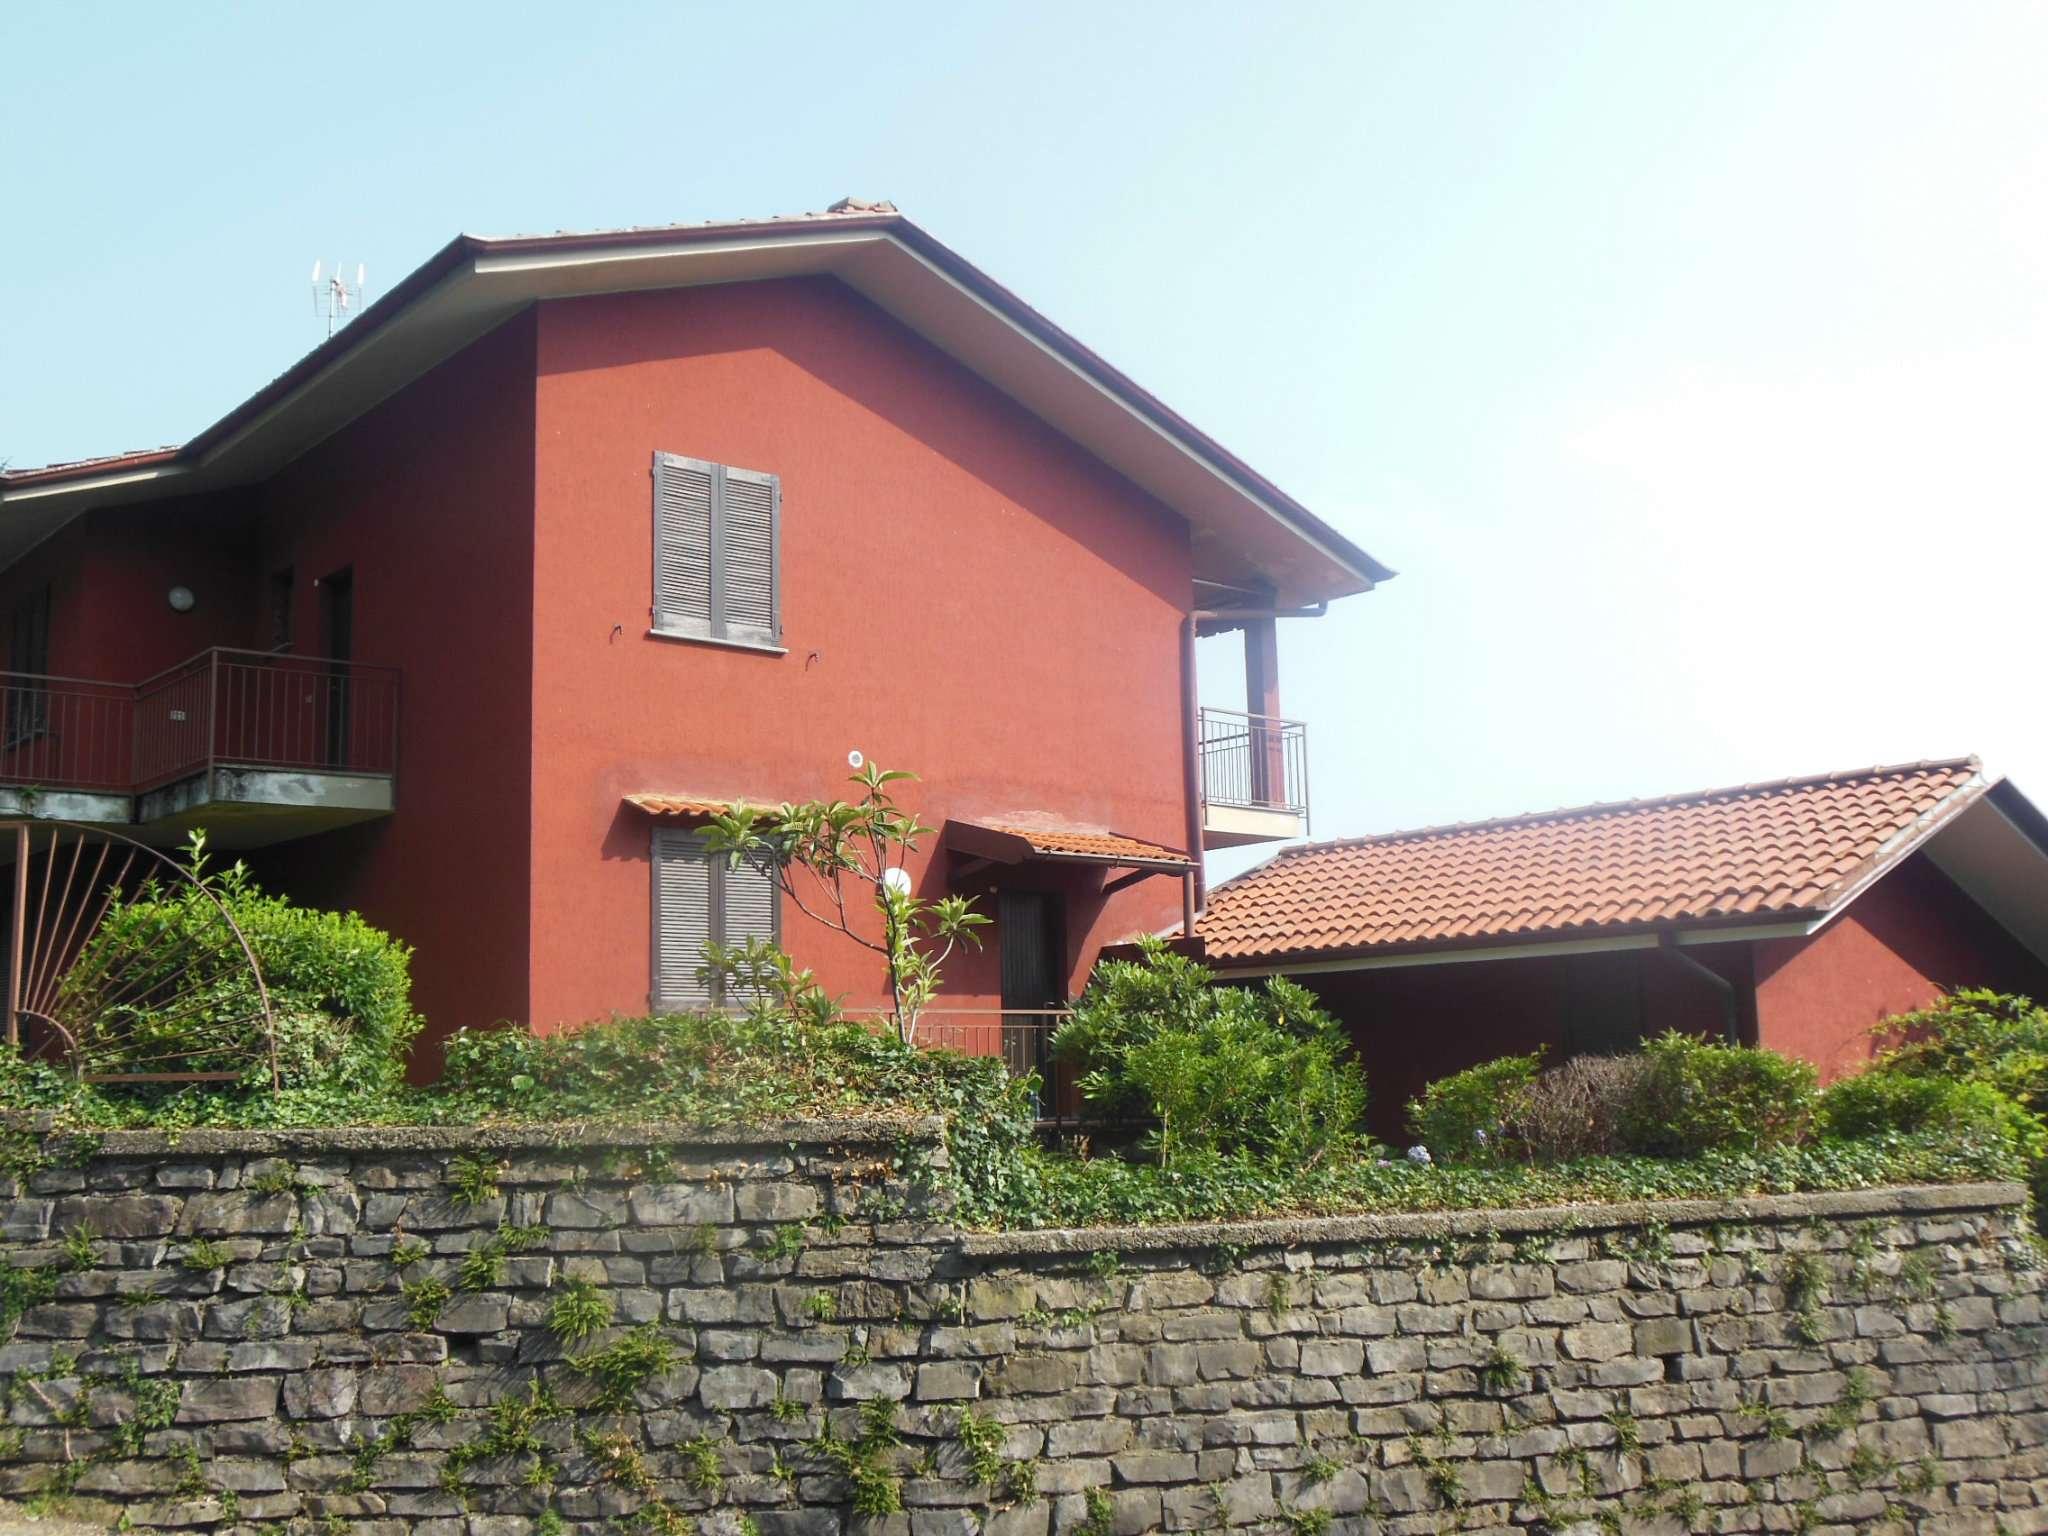 Appartamento trilocale con giardino in vendita a Colle B.za